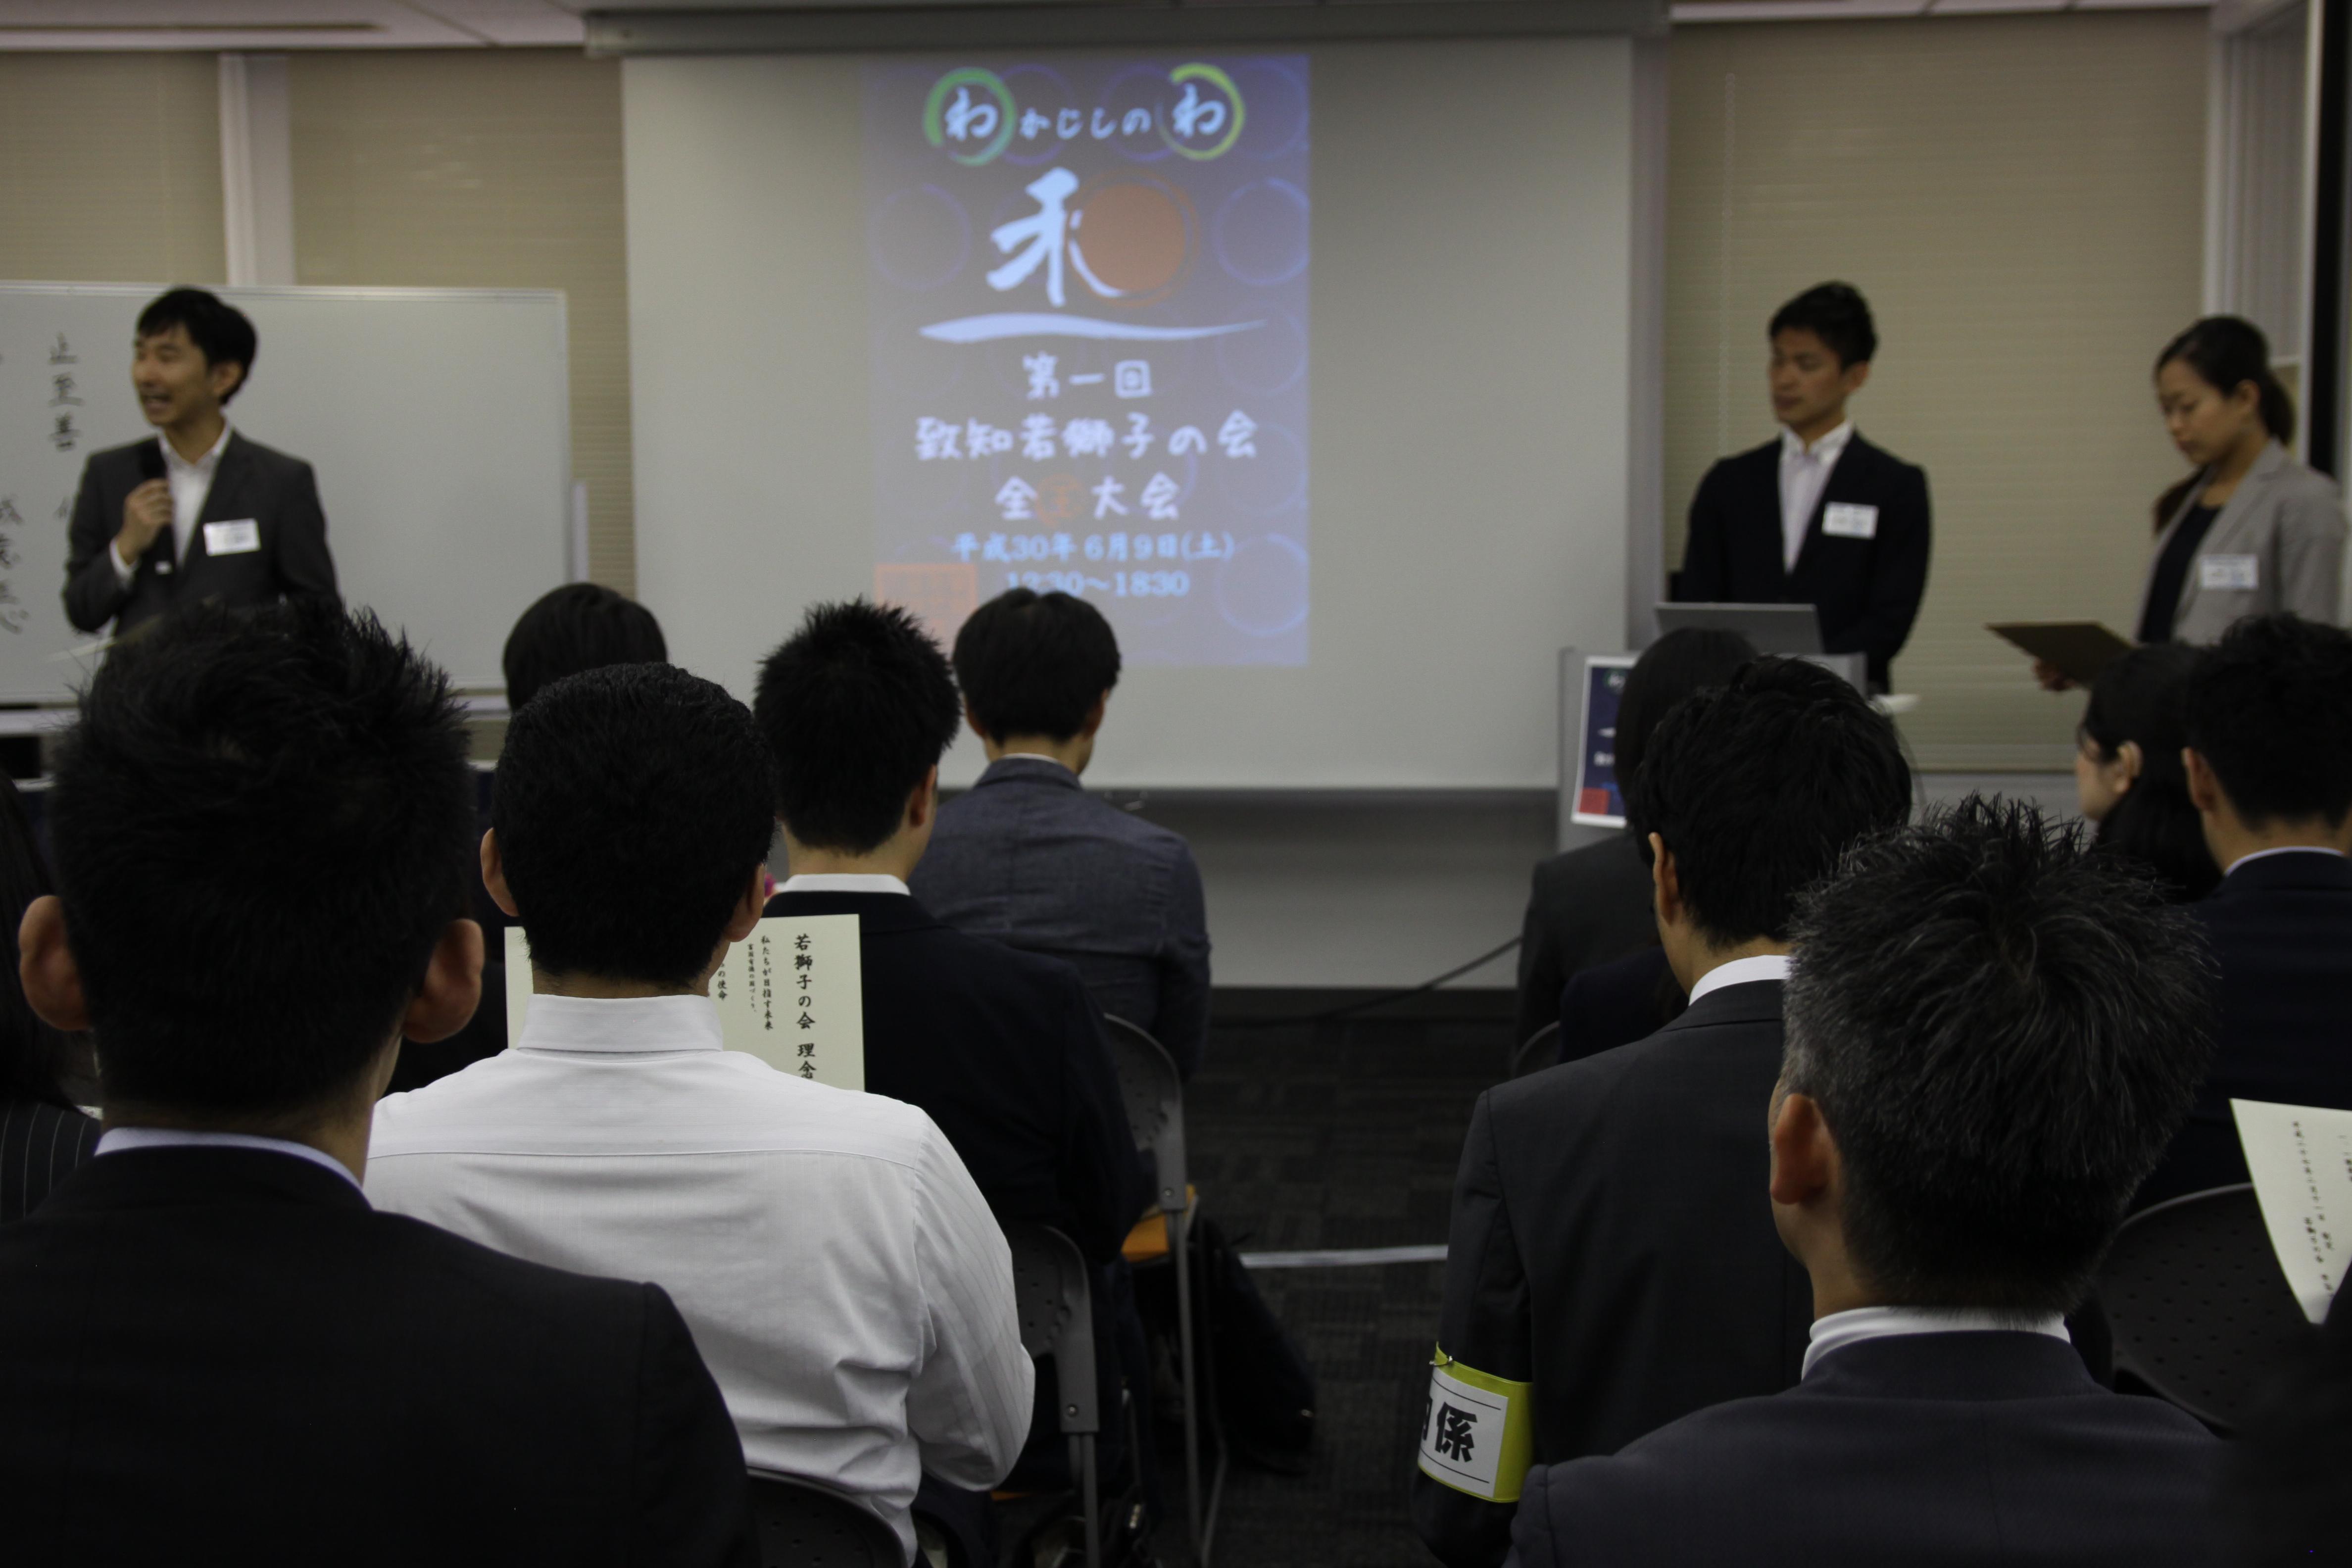 IMG 4609 - 関東若獅子の会、記念すべき第100回